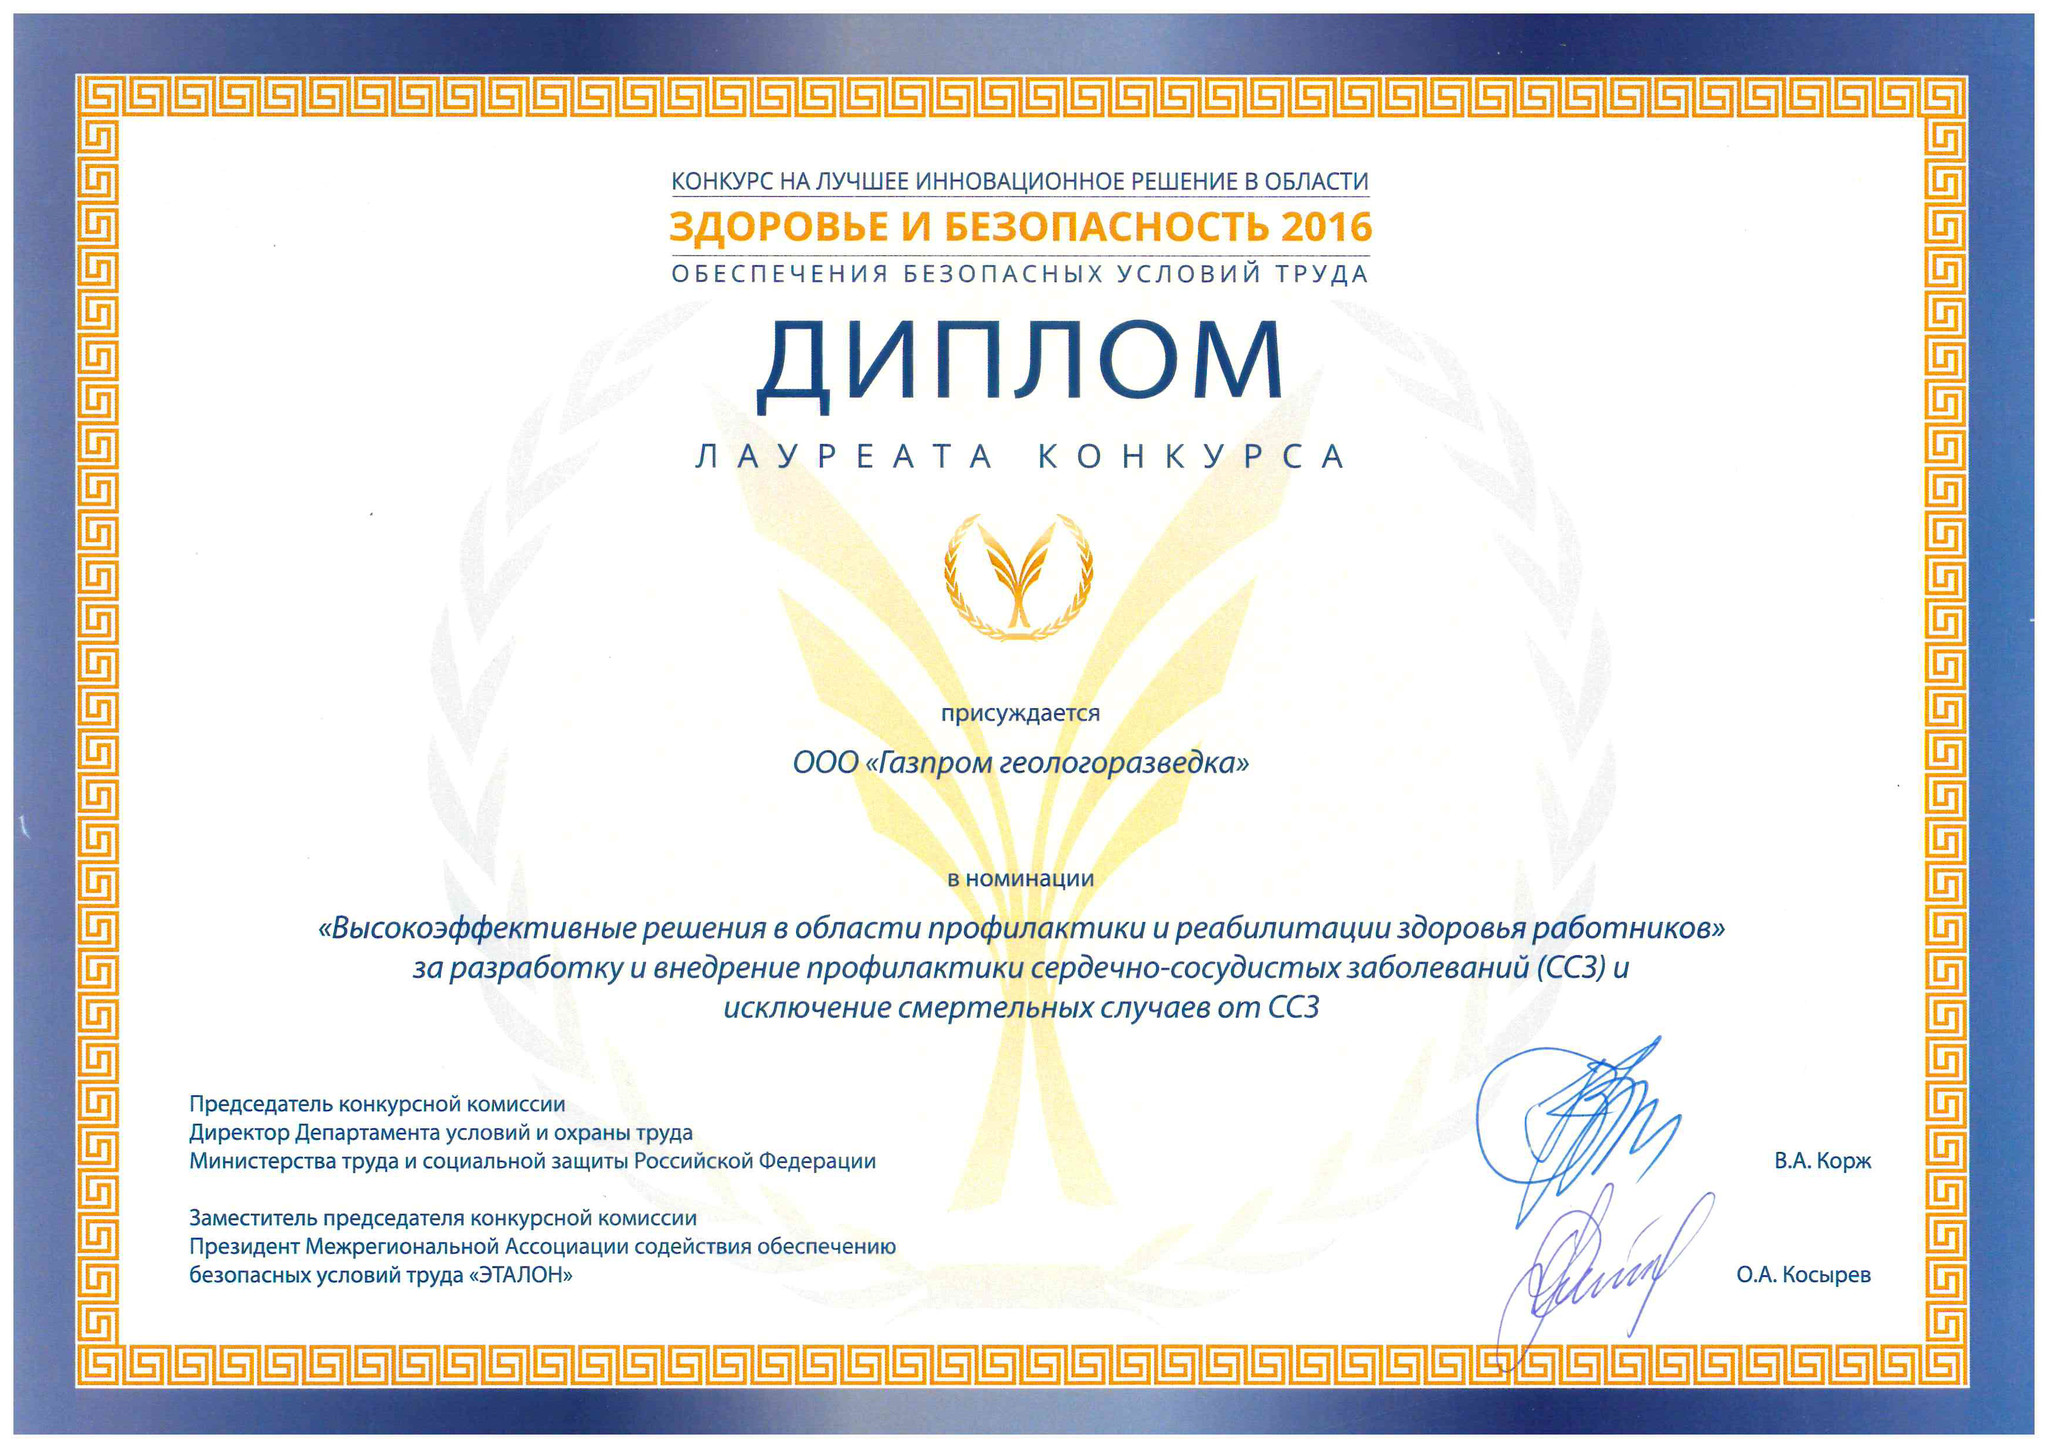 Специальная оценка условий труда Диплом лауреата конкурса за лучшее инновационное решение в области обеспечения безопасных условий труда Здоровье и